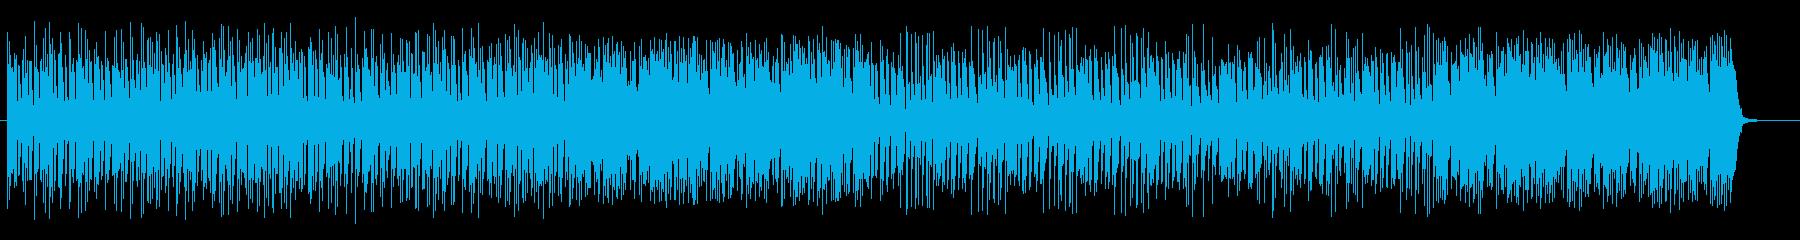 明るくリゾート感のあるシンセサウンドの再生済みの波形